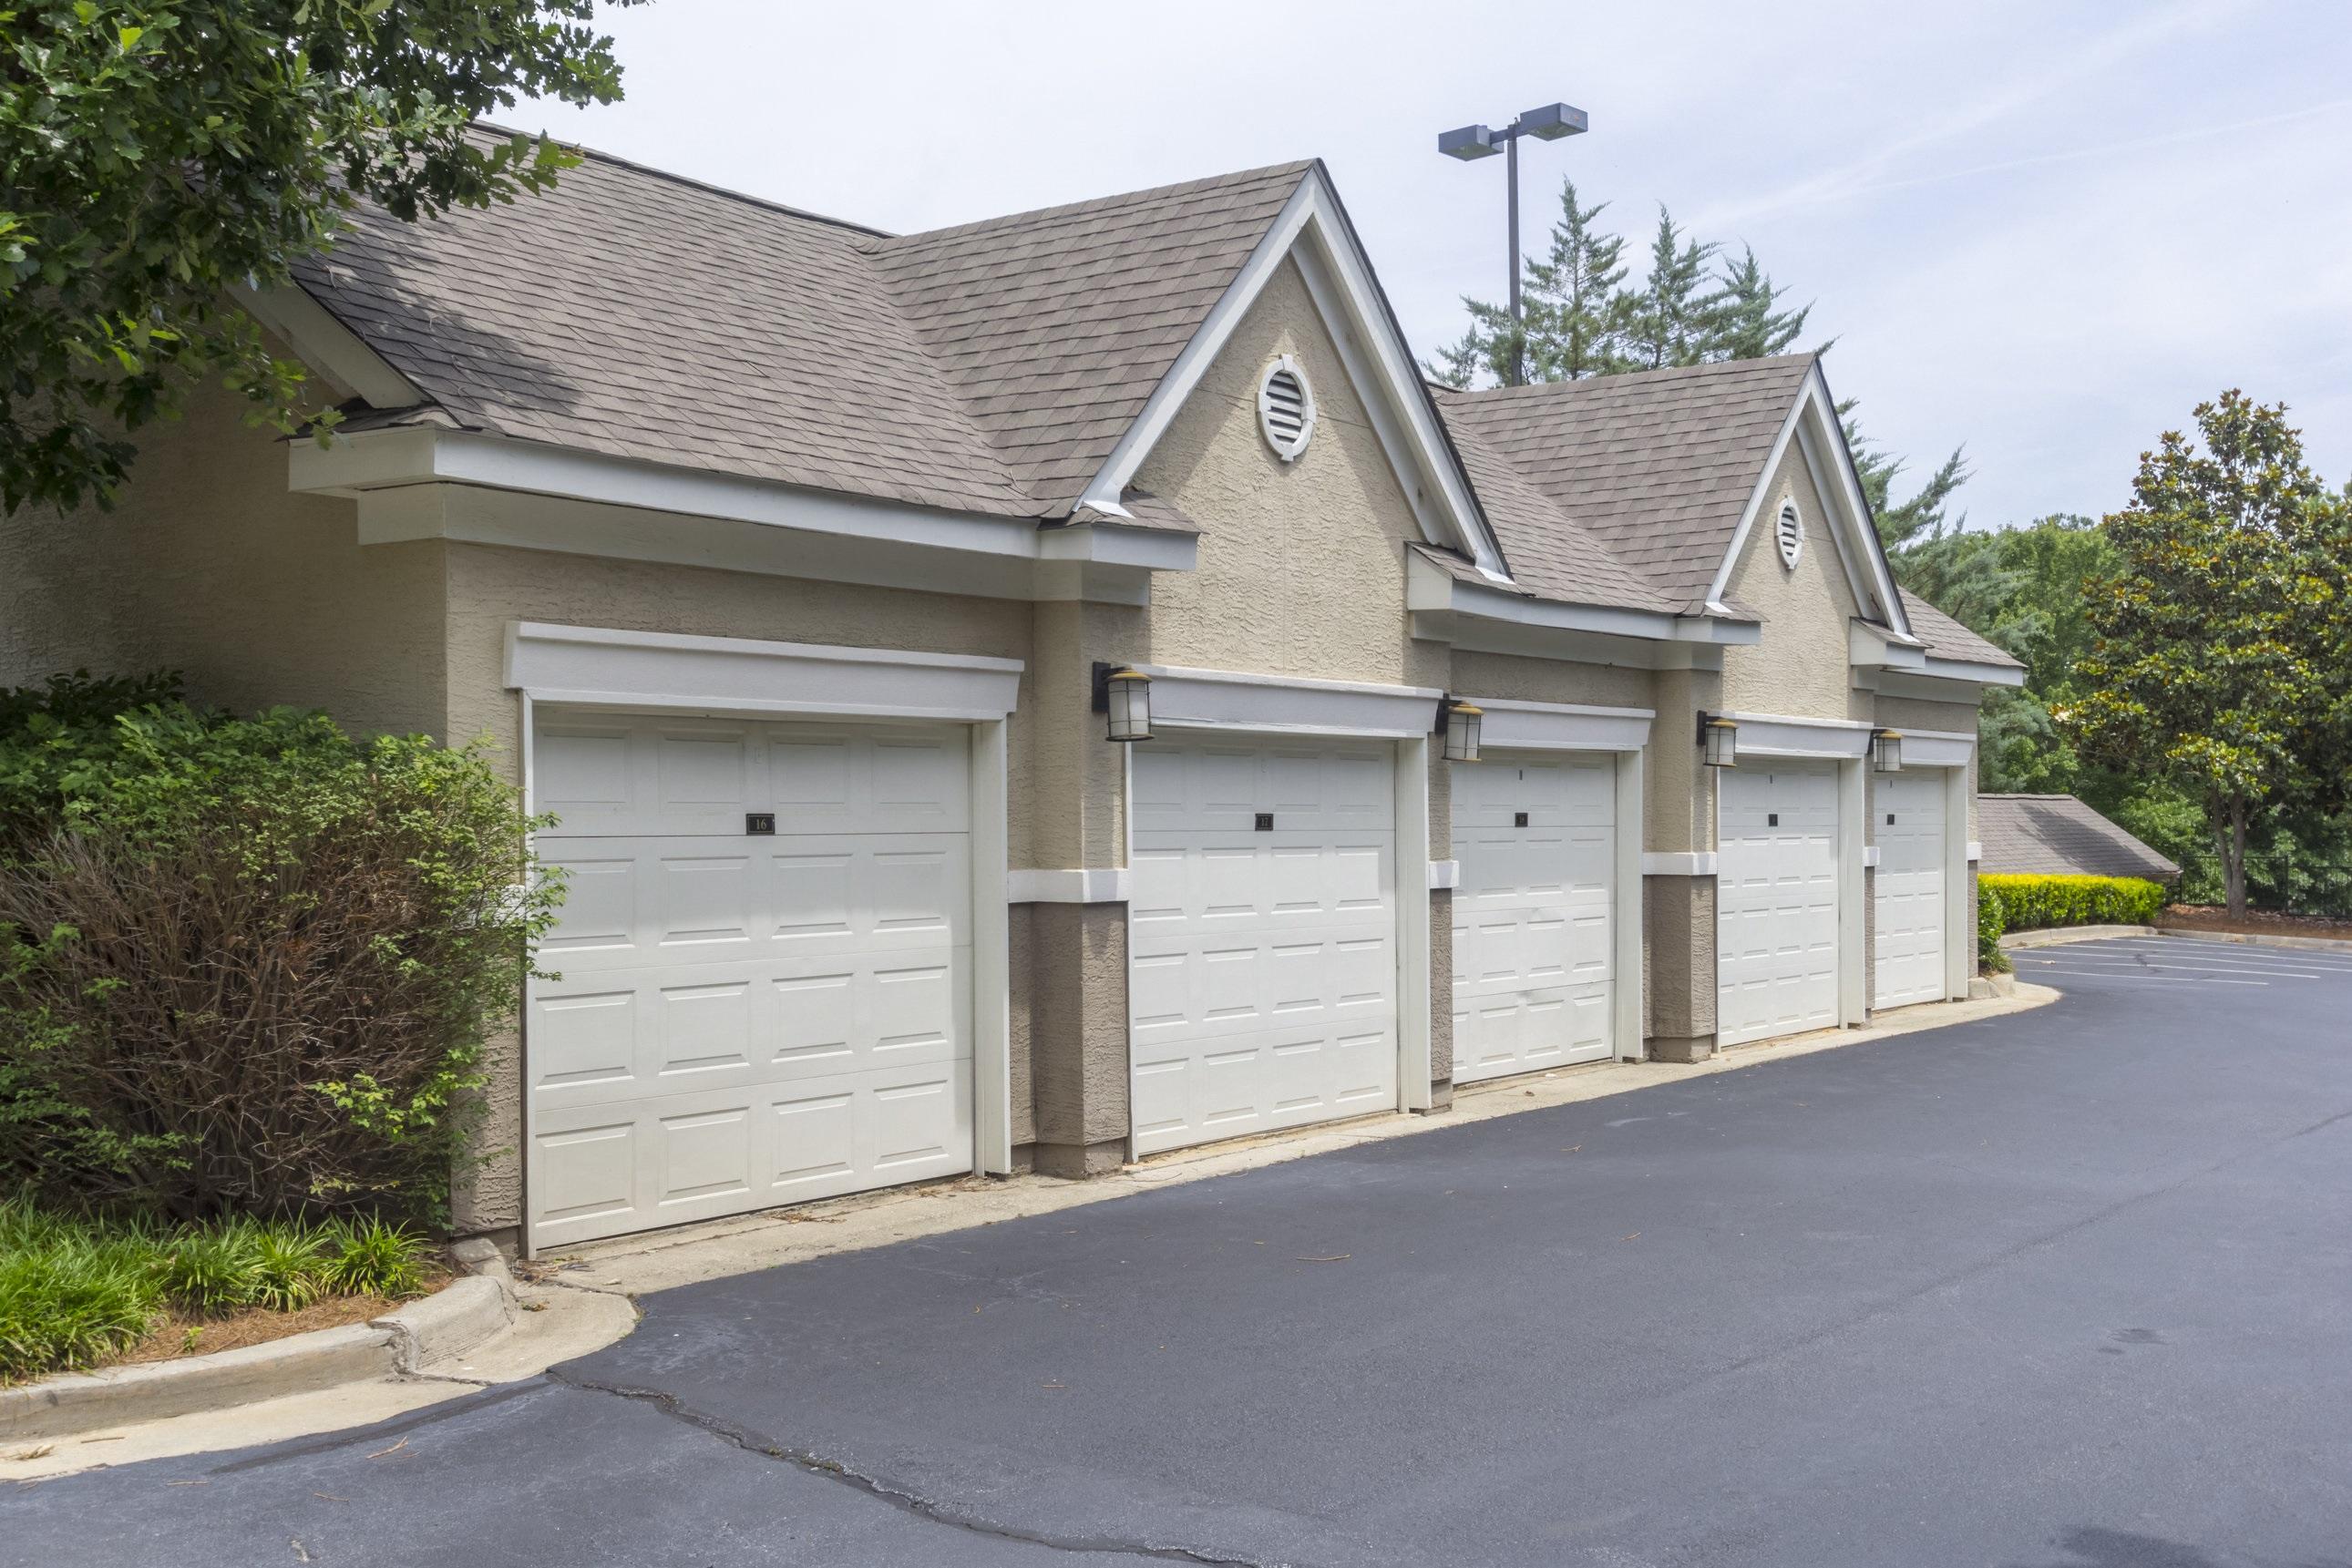 Garage Storage At Deerfield Village Apartments, 13085 Morris Rd, Alpharetta